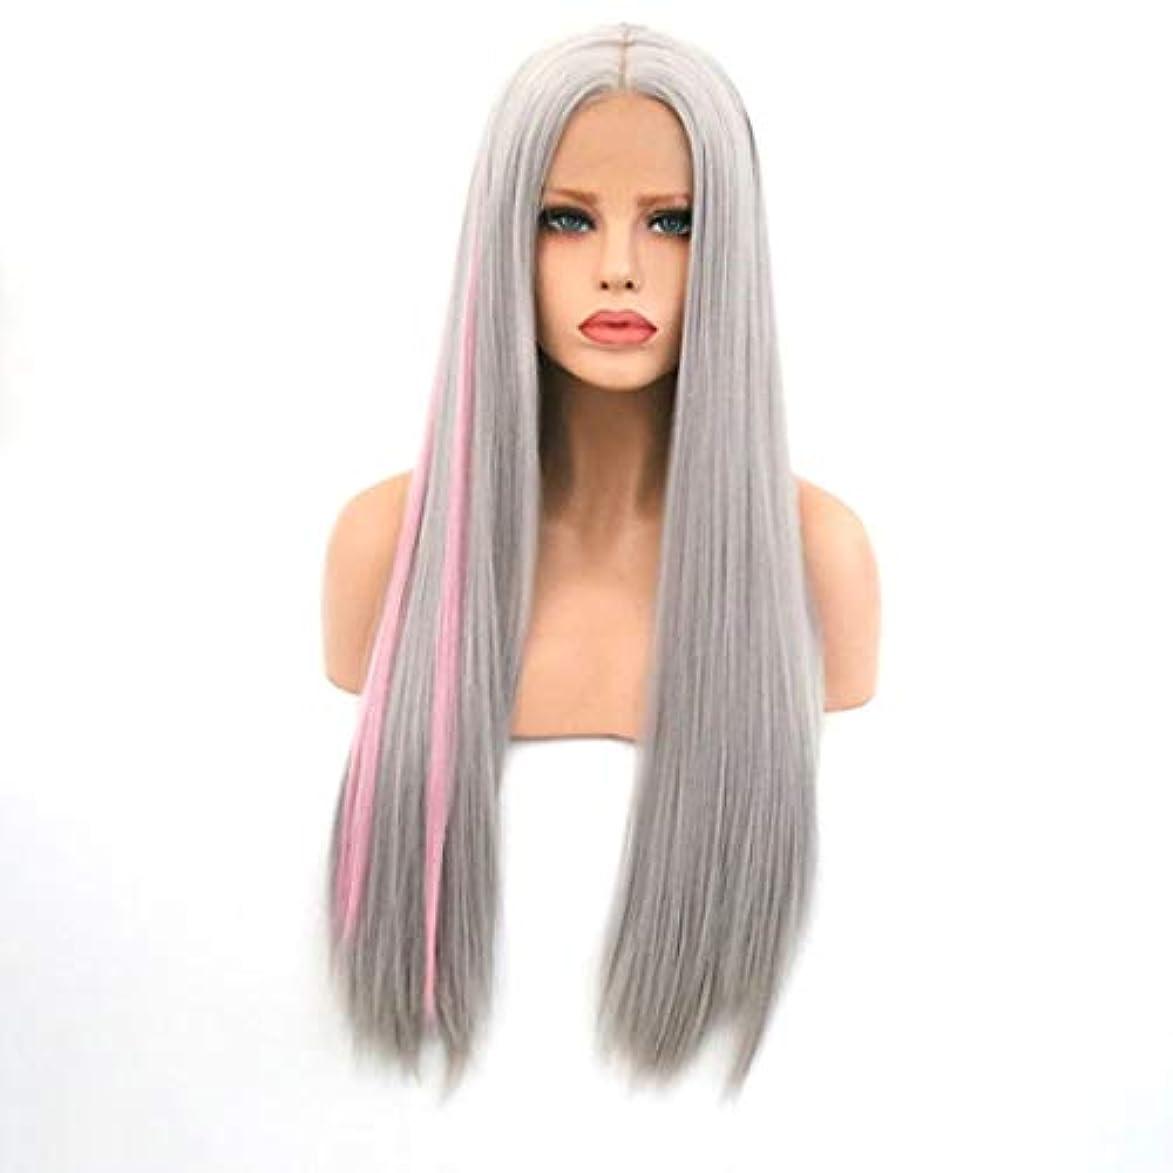 消化メトリック宝Summerys 女性のためのロングストレートヘアフロントレース化学繊維ウィッグヘッドギアをかつら